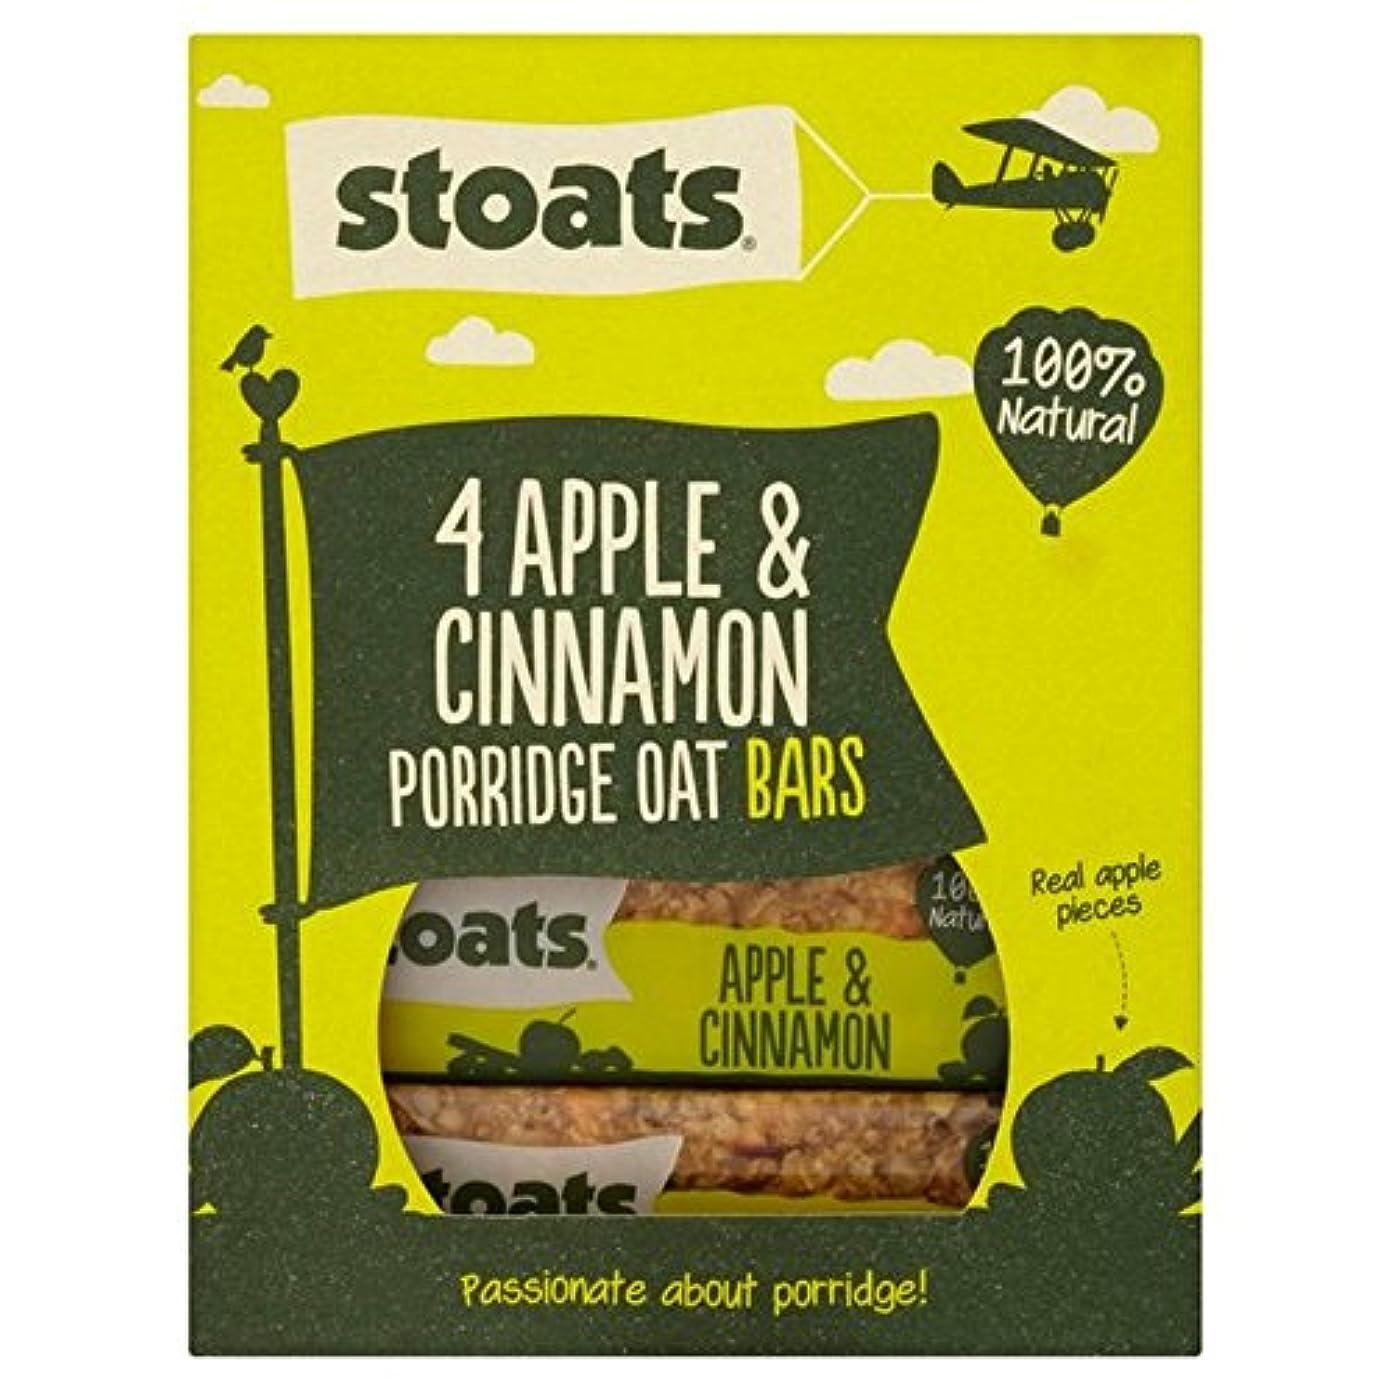 羨望外国人効率的に(Stoats) アップル&シナモンオート麦バー4Pk 200グラム (x4) - Stoats Apple & Cinnamon Oat Bars 4Pk 200g (Pack of 4) [並行輸入品]